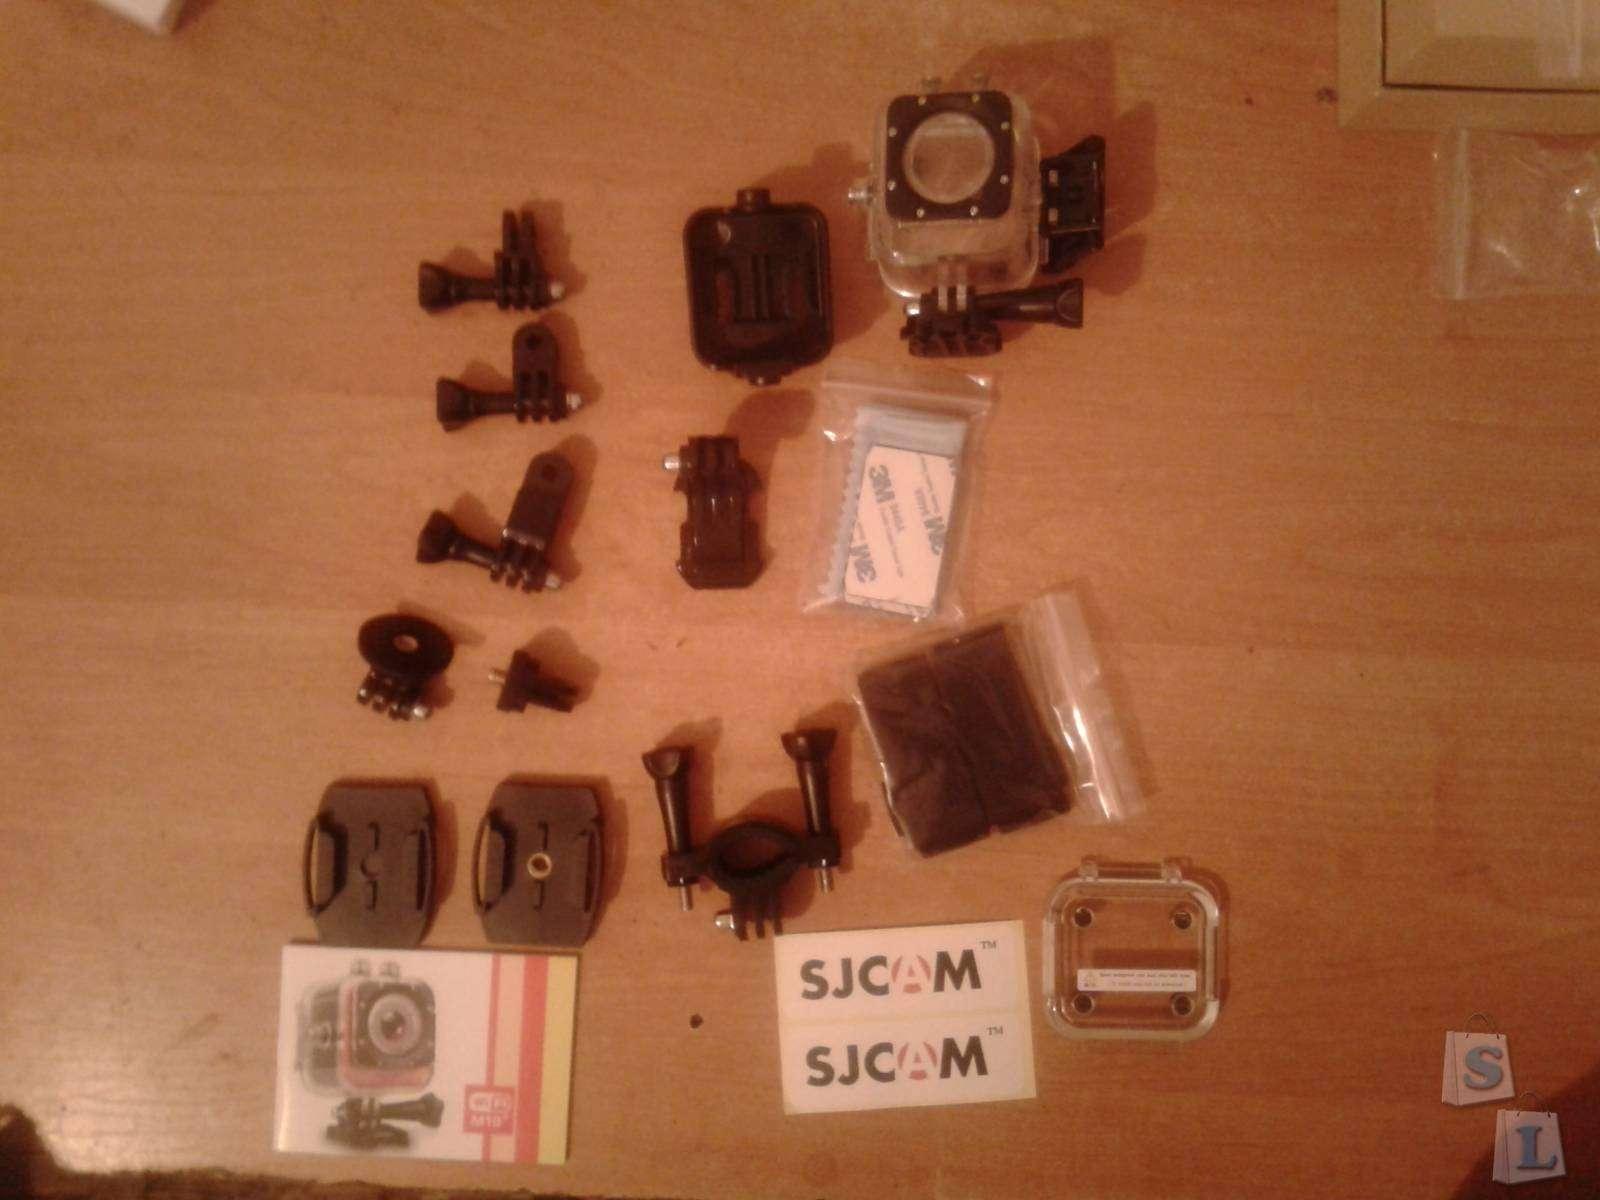 GearBest: SJCAM M10 Plus